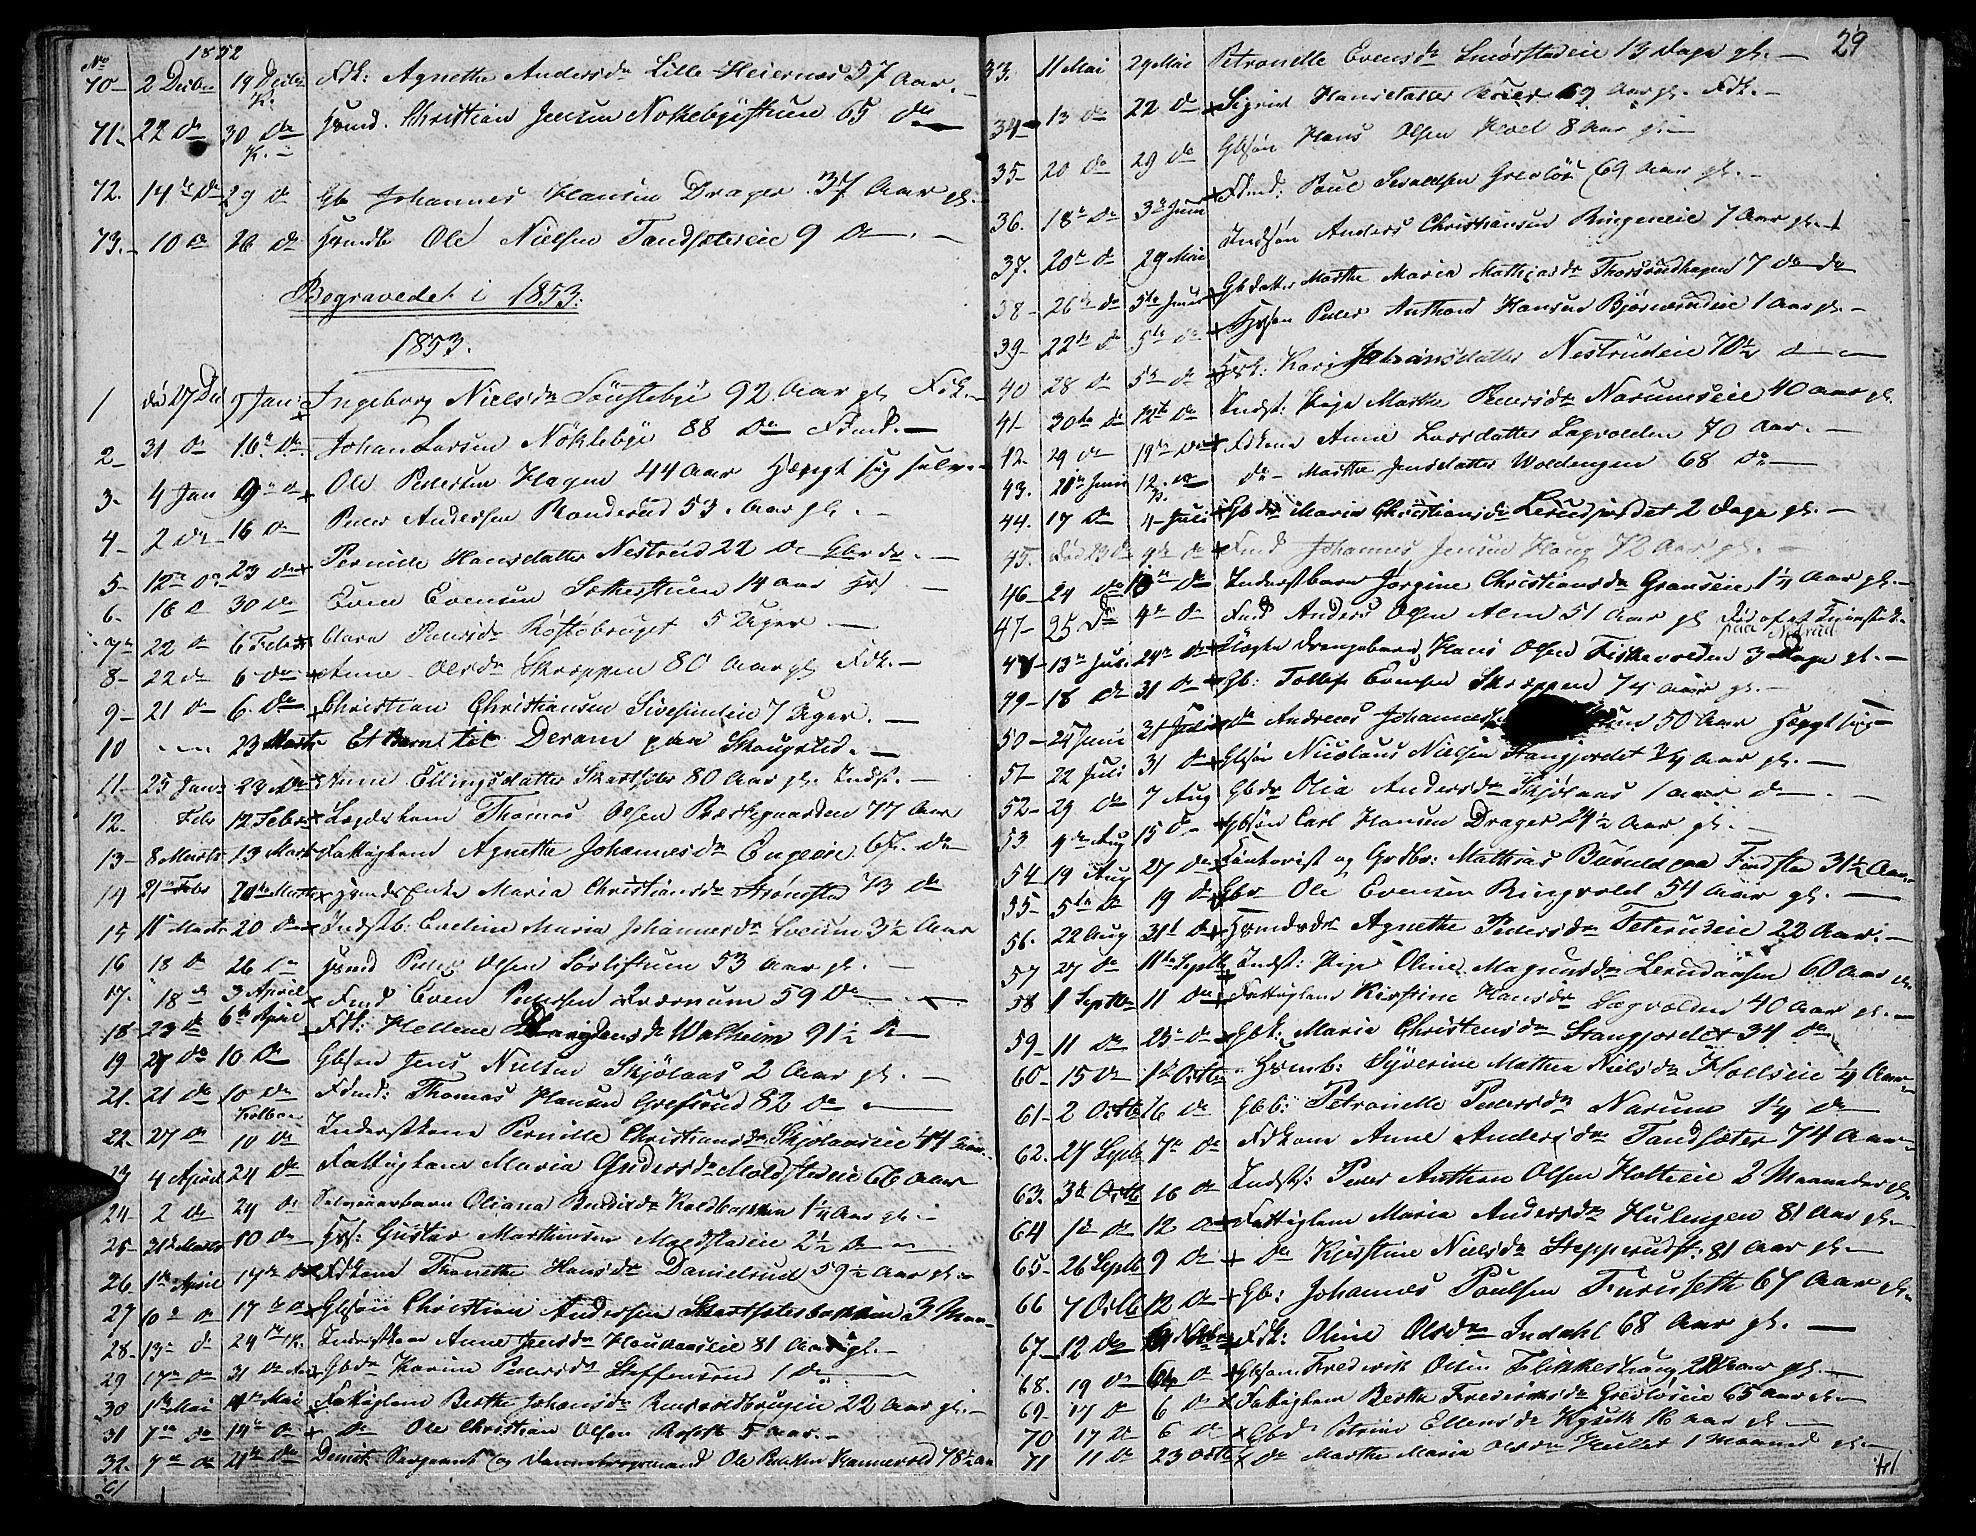 SAH, Vestre Toten prestekontor, Klokkerbok nr. 4, 1851-1853, s. 29